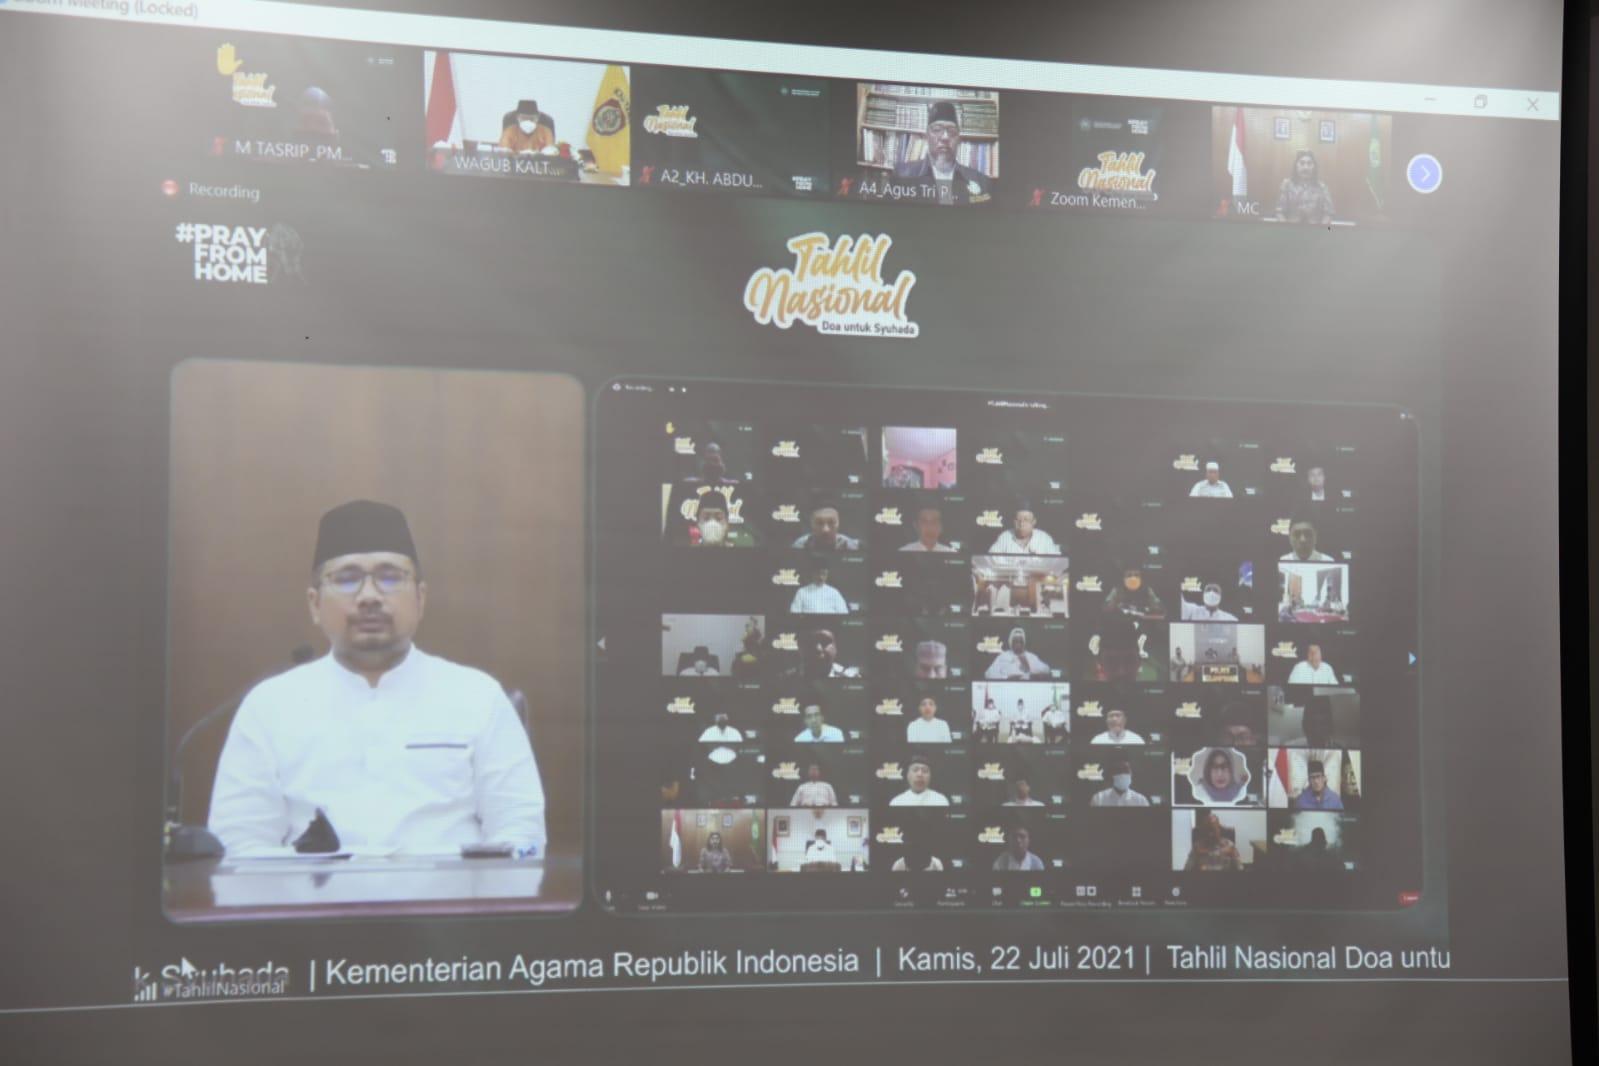 Doa Untuk Syuhada, Wagub Ikuti Tahlil Nasional Secara Virtual